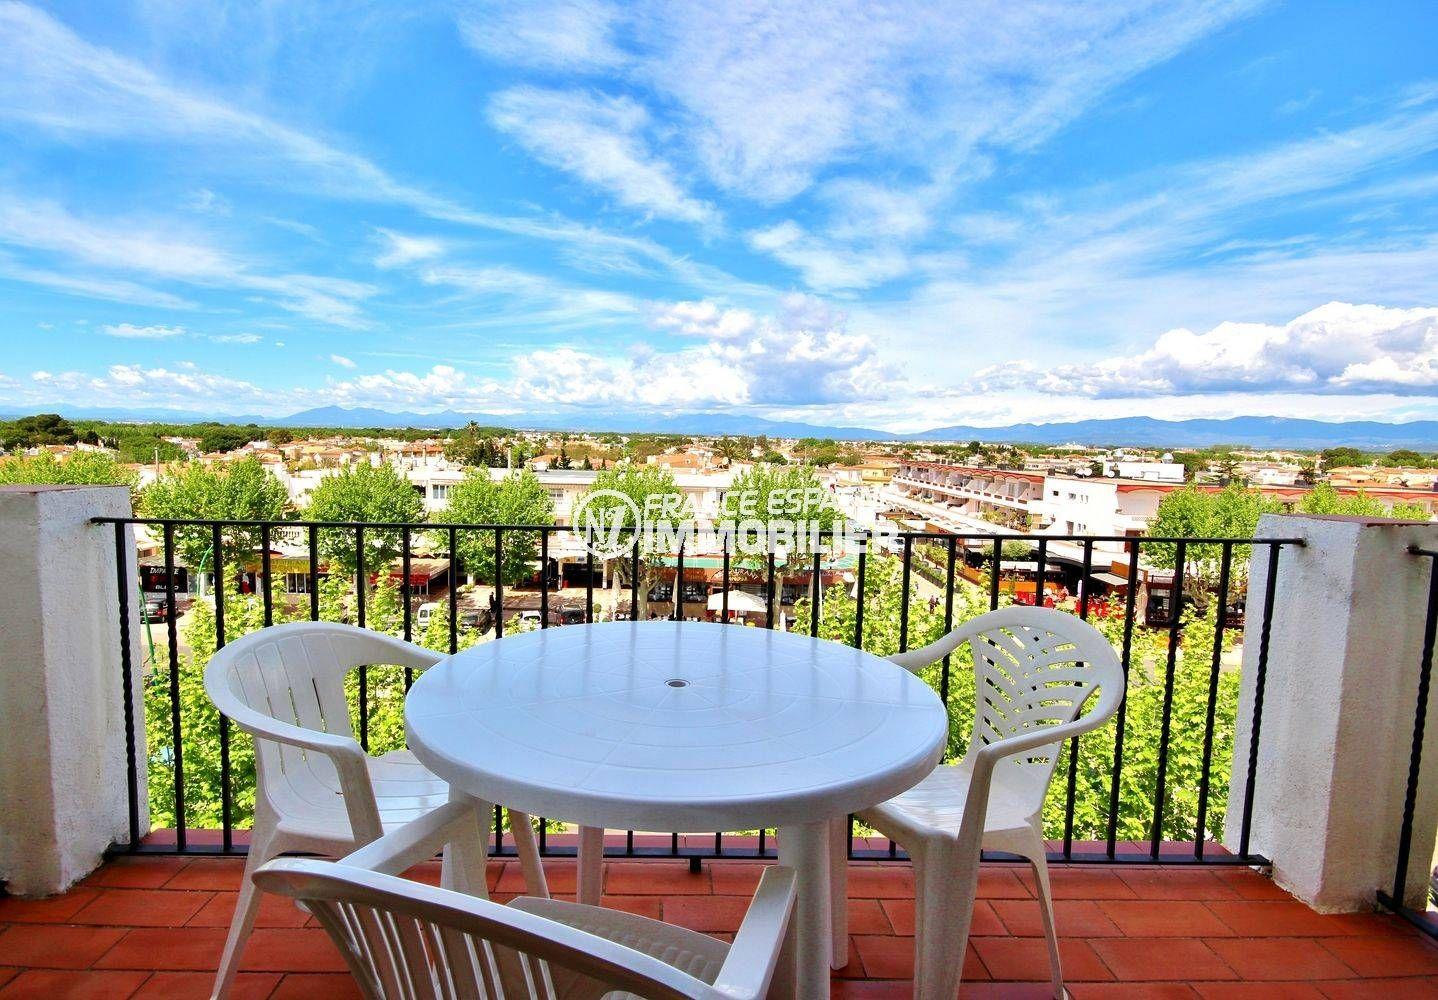 immobilier empuria brava : Appartement 42 m² avec terrasse vue dégagée